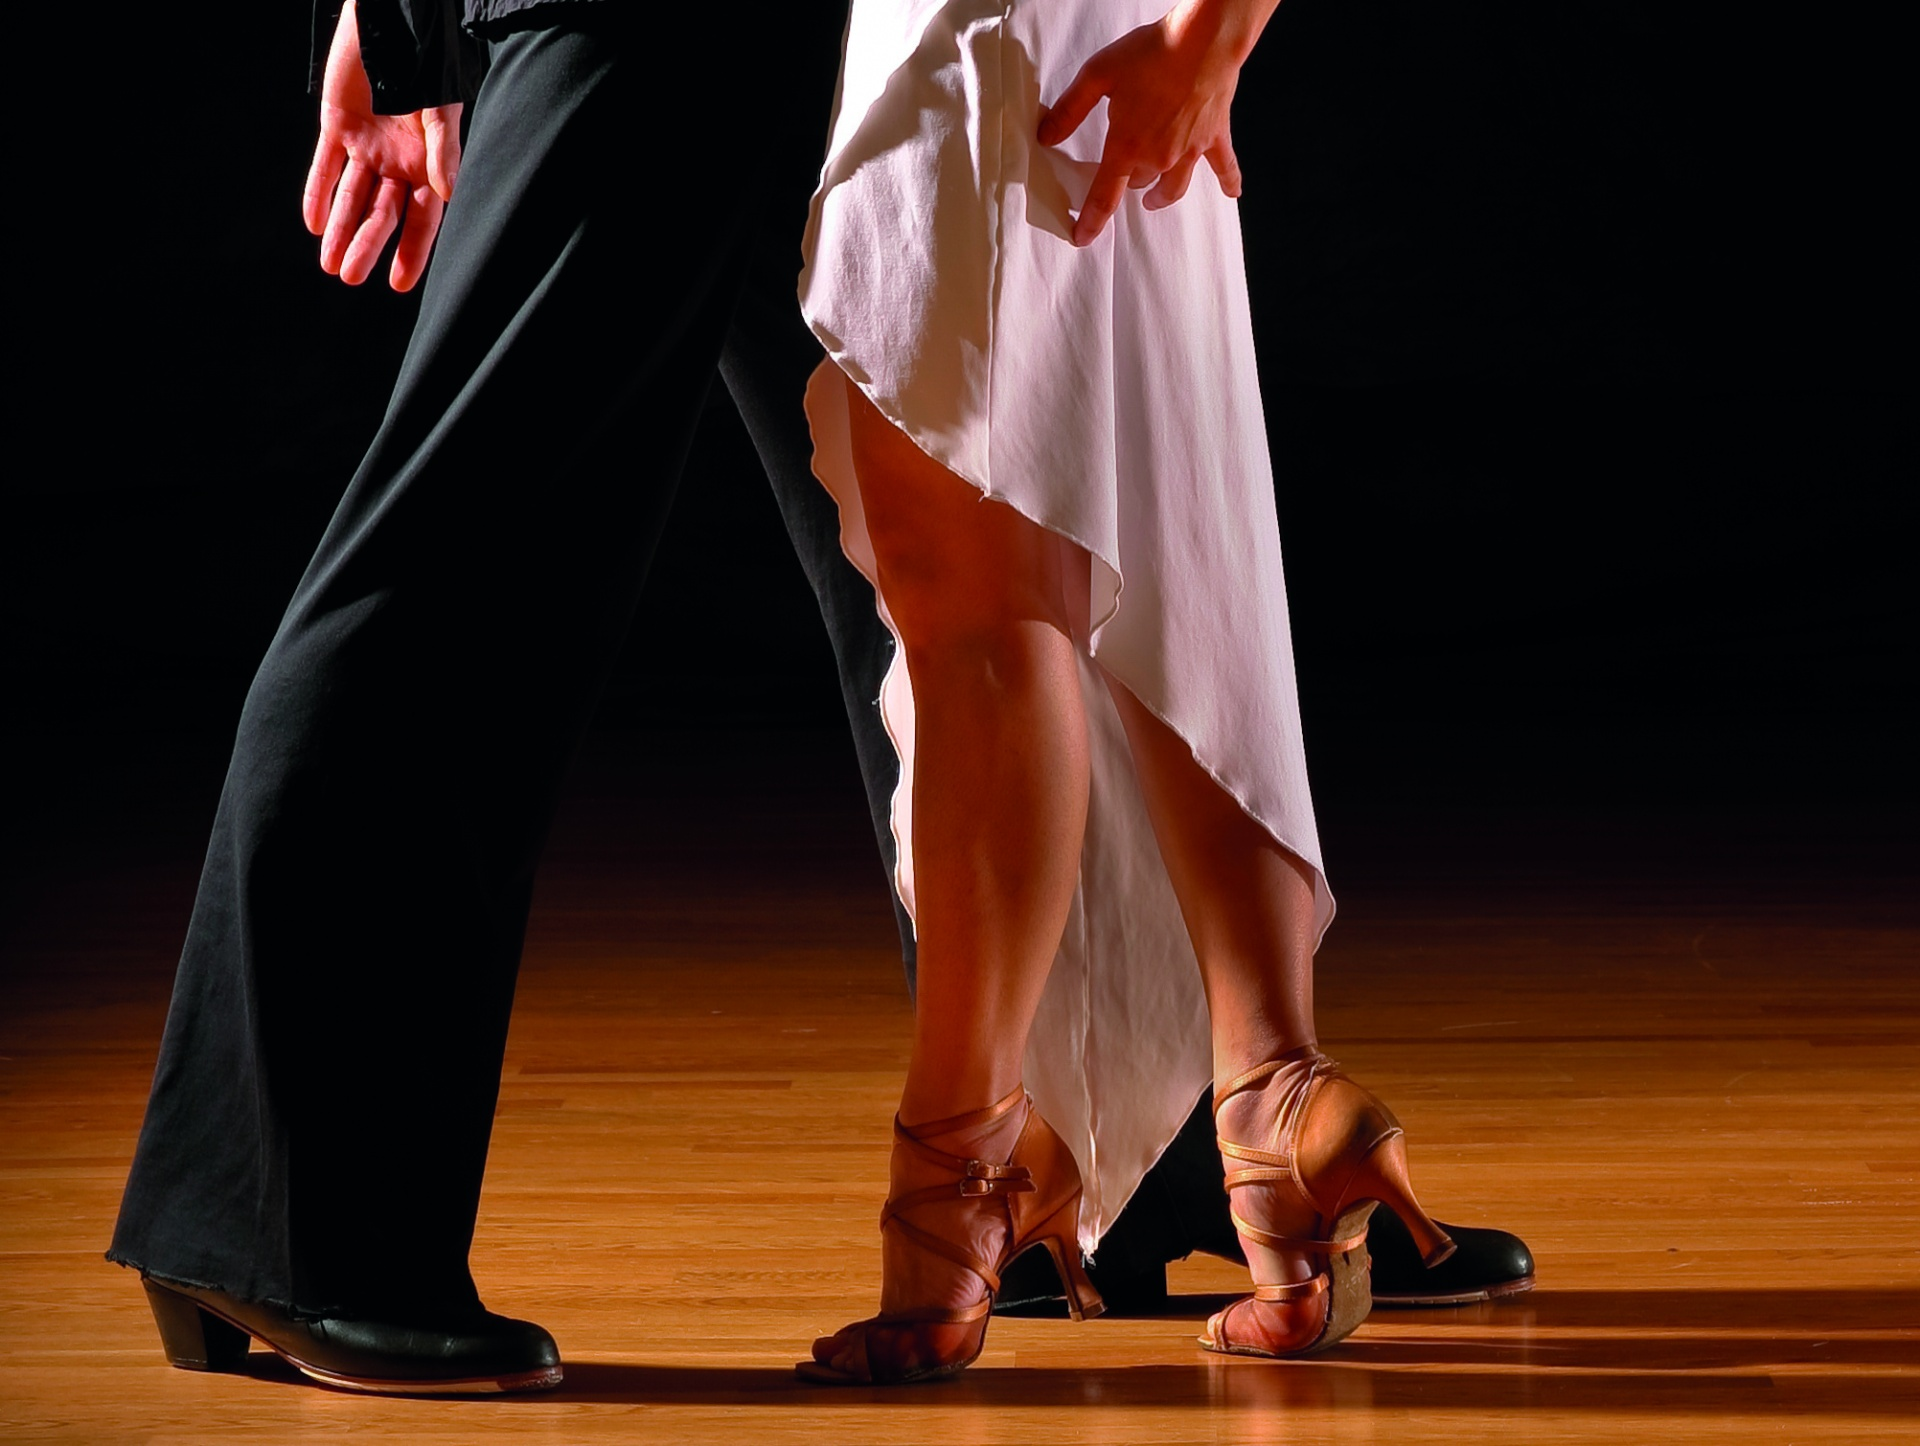 Tanzsportclub Schwarz-Weiß Bregenz